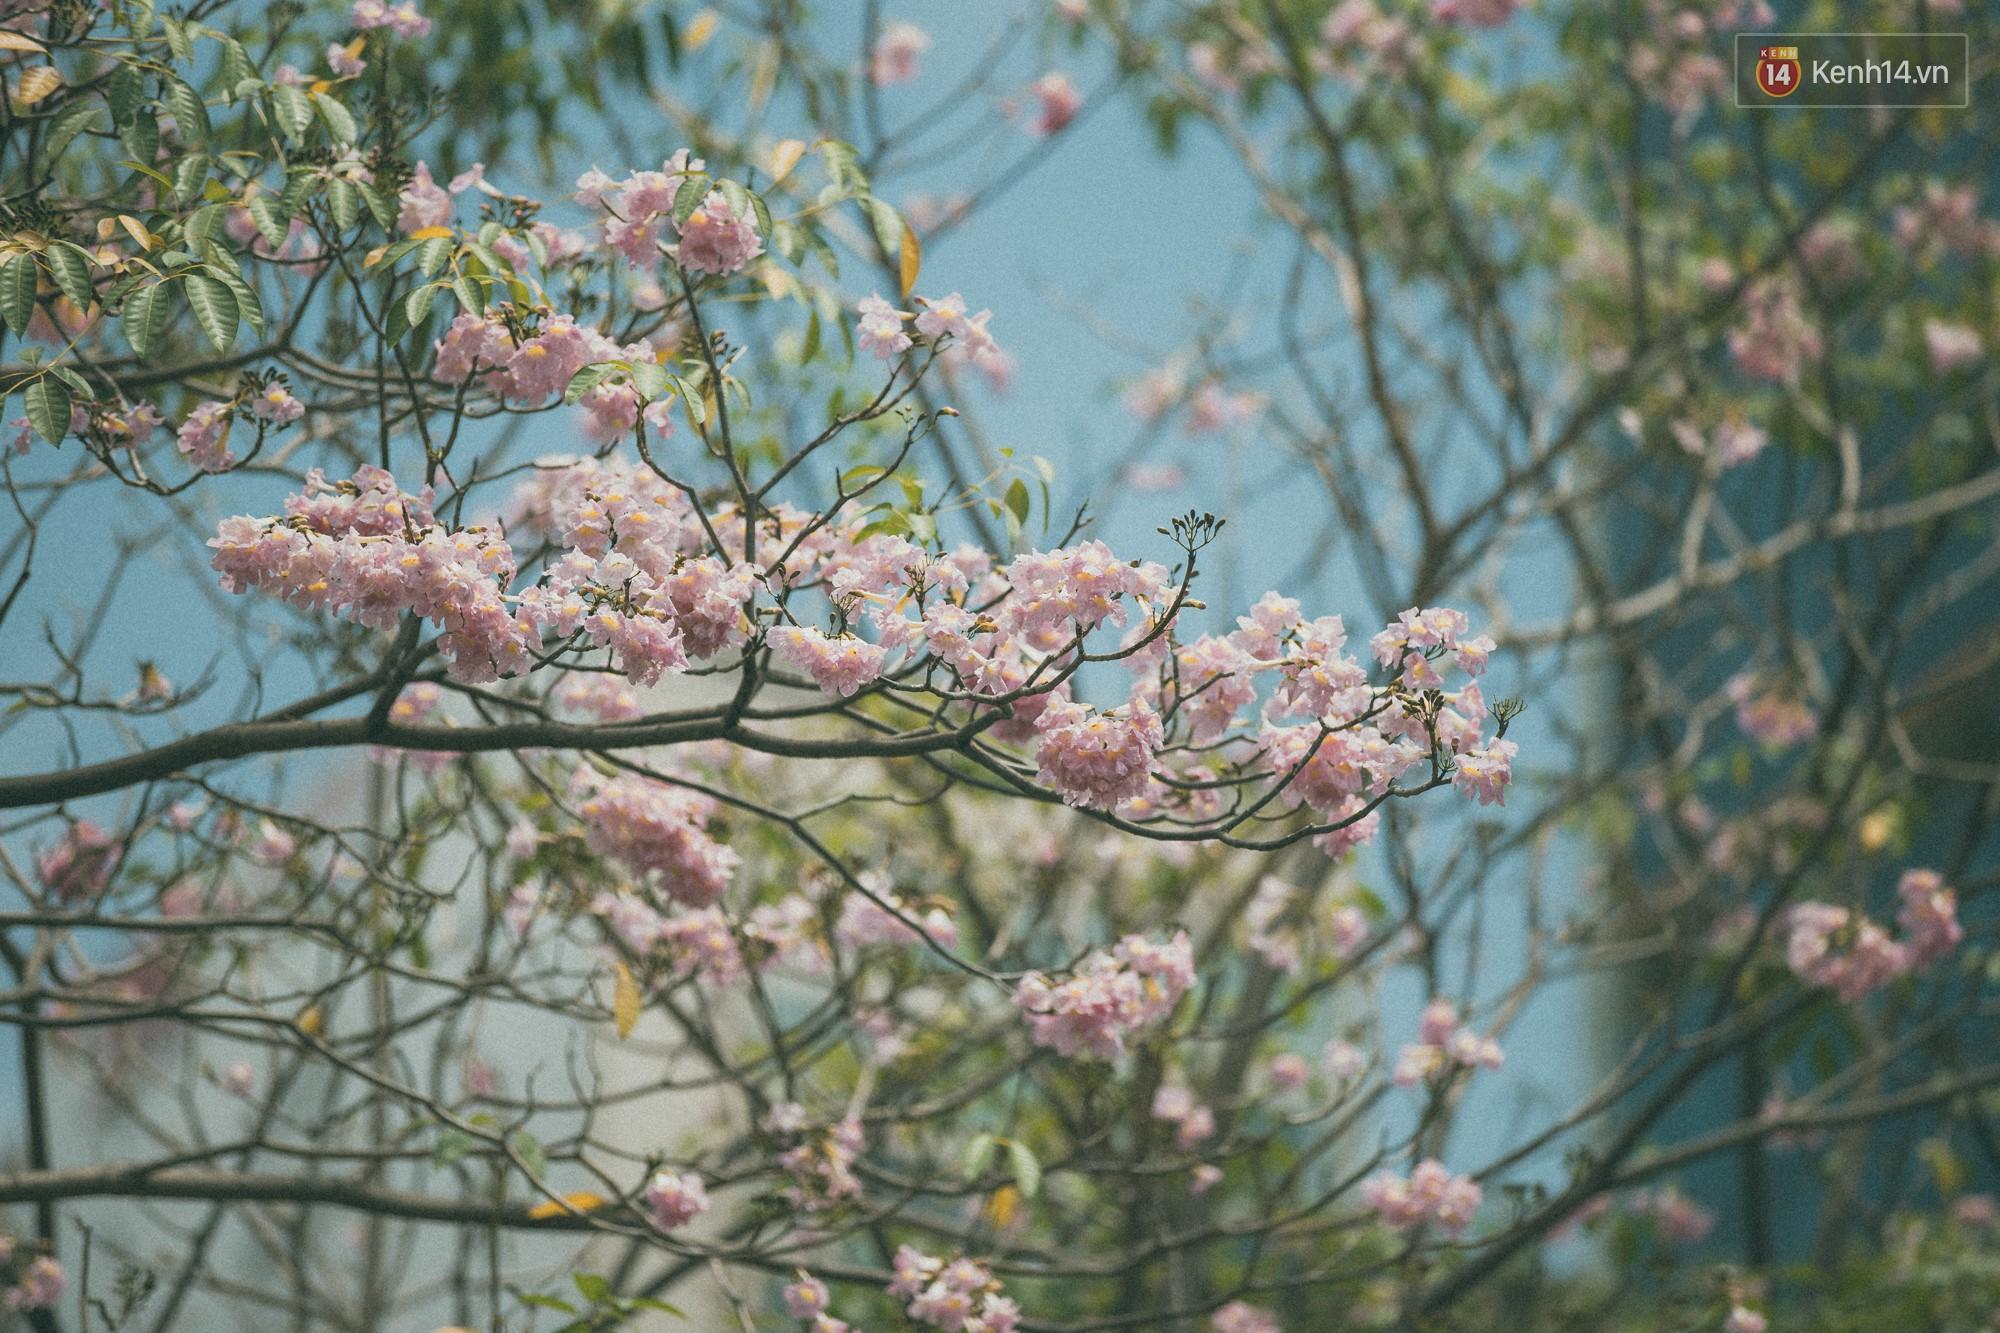 Sài Gòn mùa hoa kèn hồng: dịu dàng và dễ thương đến lạ! - Ảnh 8.